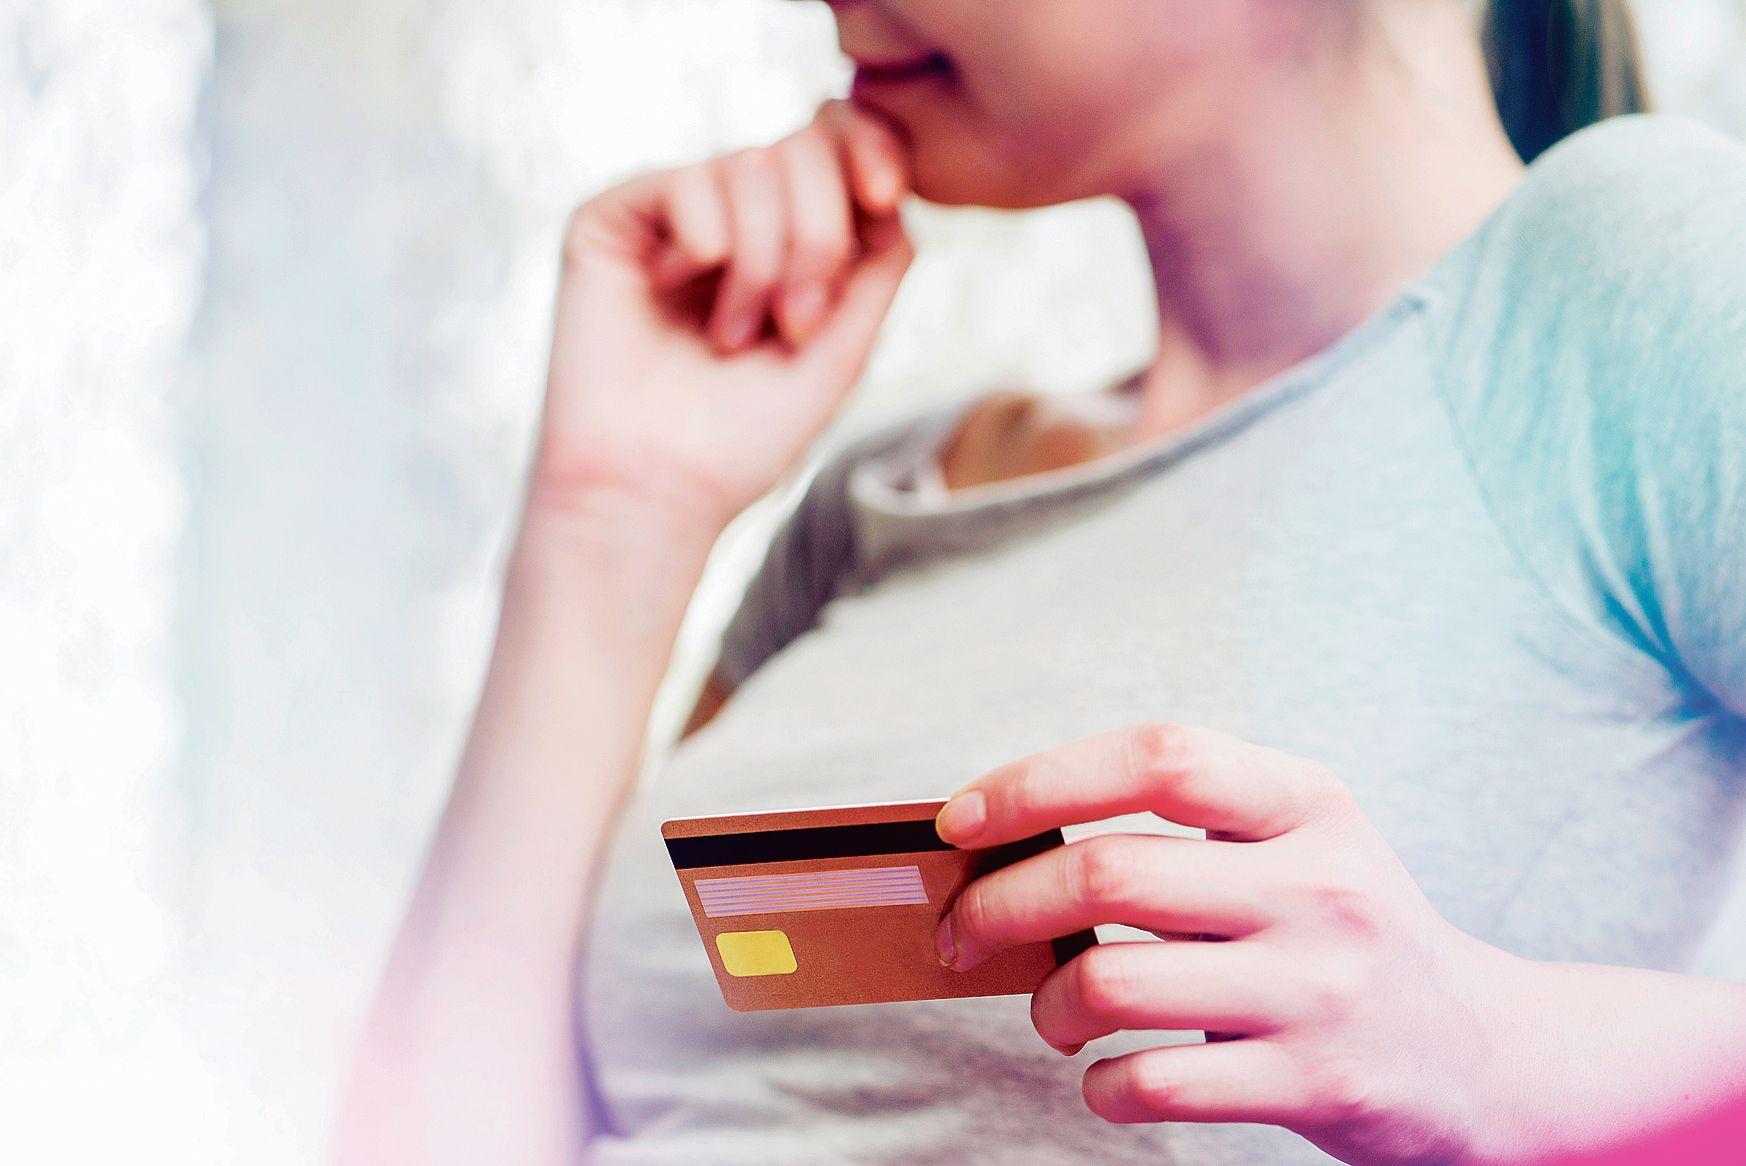 60 millions de consommateurs dénonce des frais bancaires illégaux be39d2b3362ee